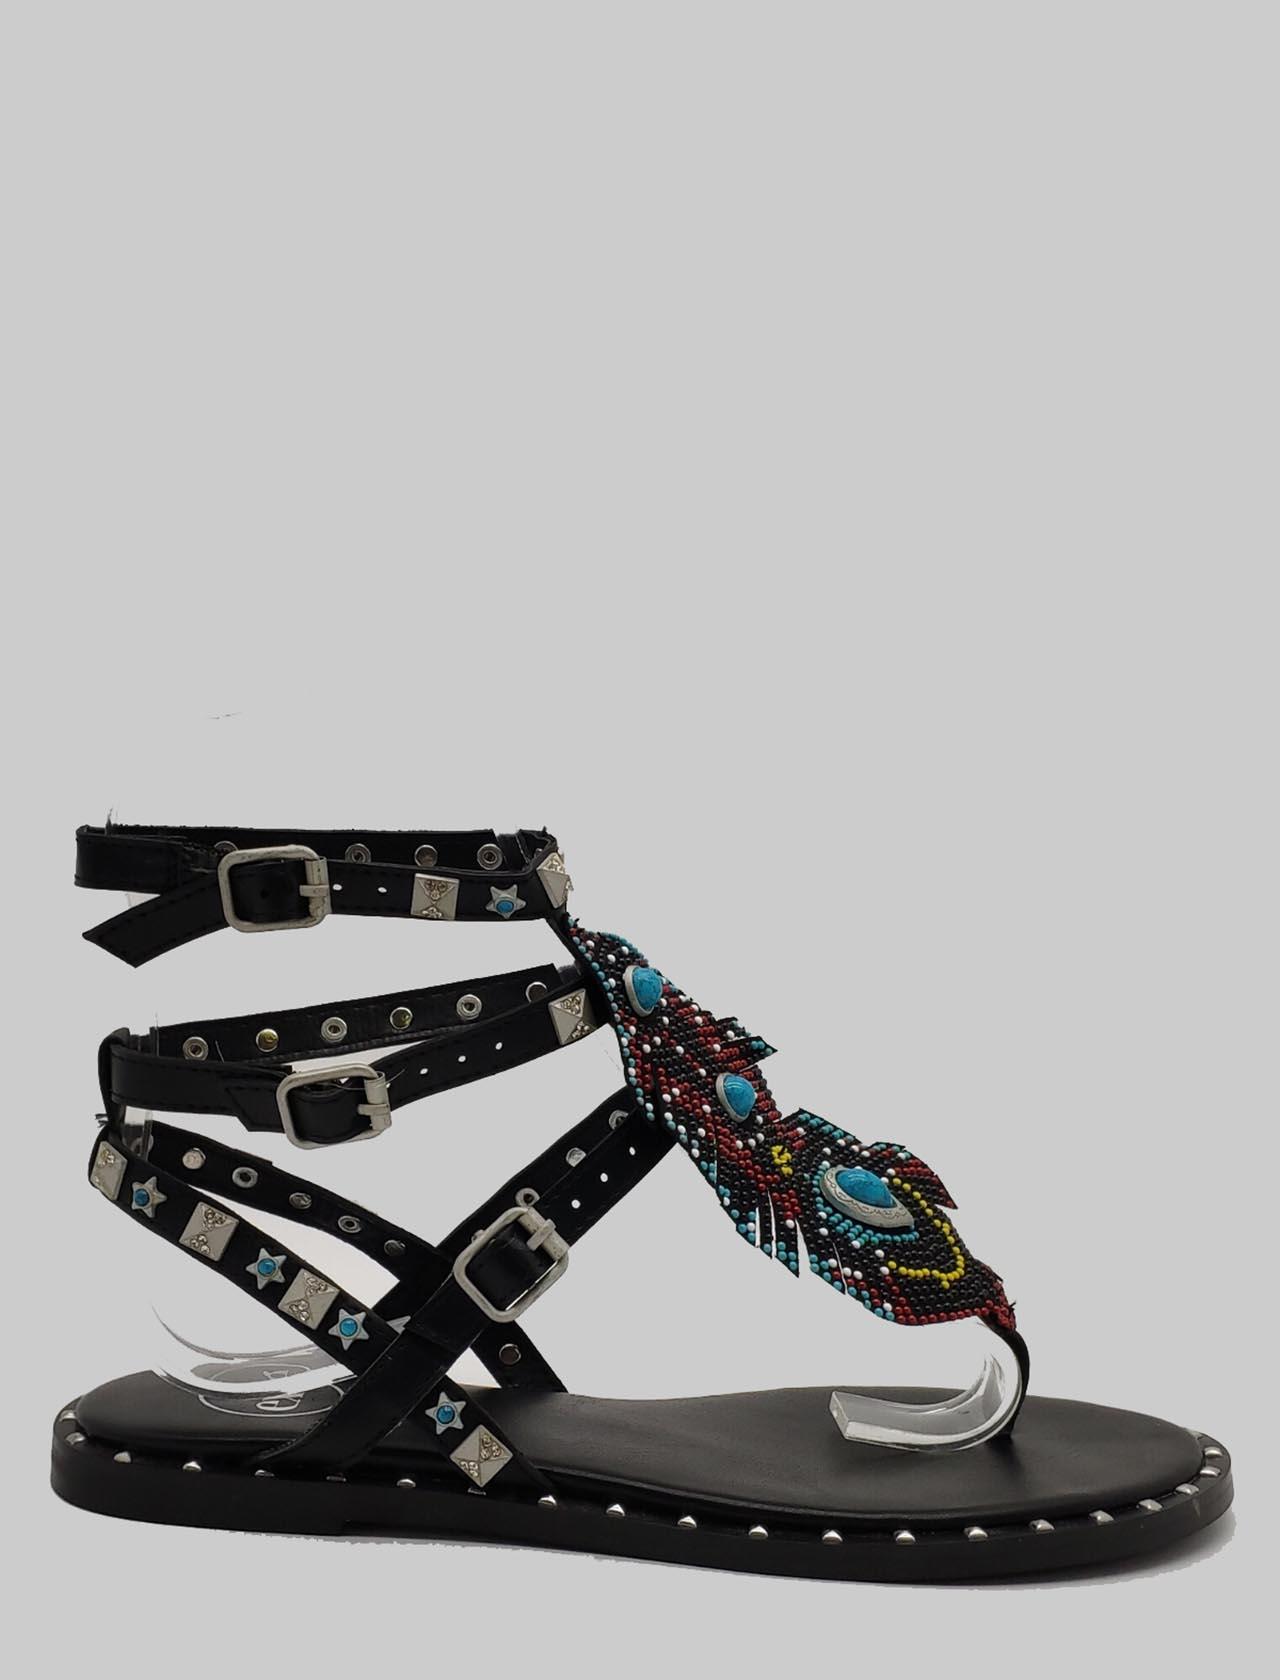 Calzature Donna Sandali Bassi in Pelle Nera con Borchie e Doppio Cinturino alla Caviglia Exe | Sandali Flat | 951NERO